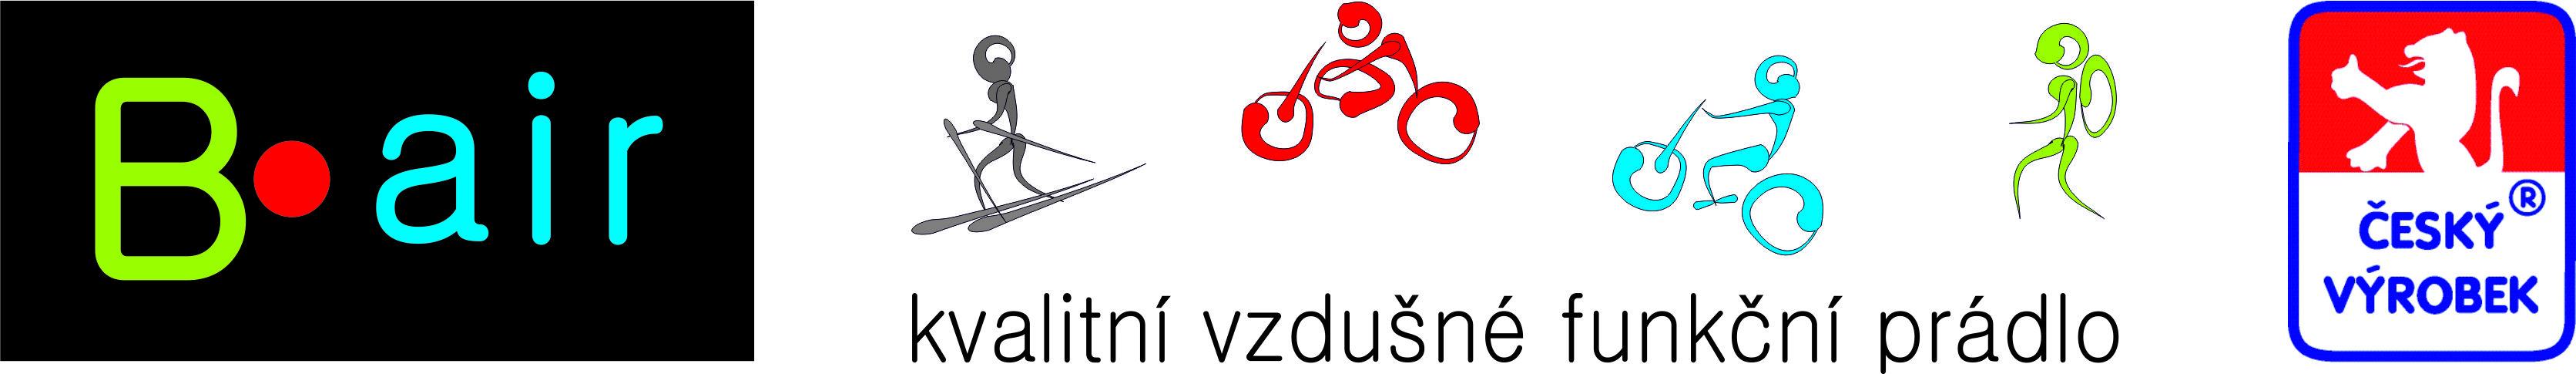 B•air - kvalitní české funkční prádlo